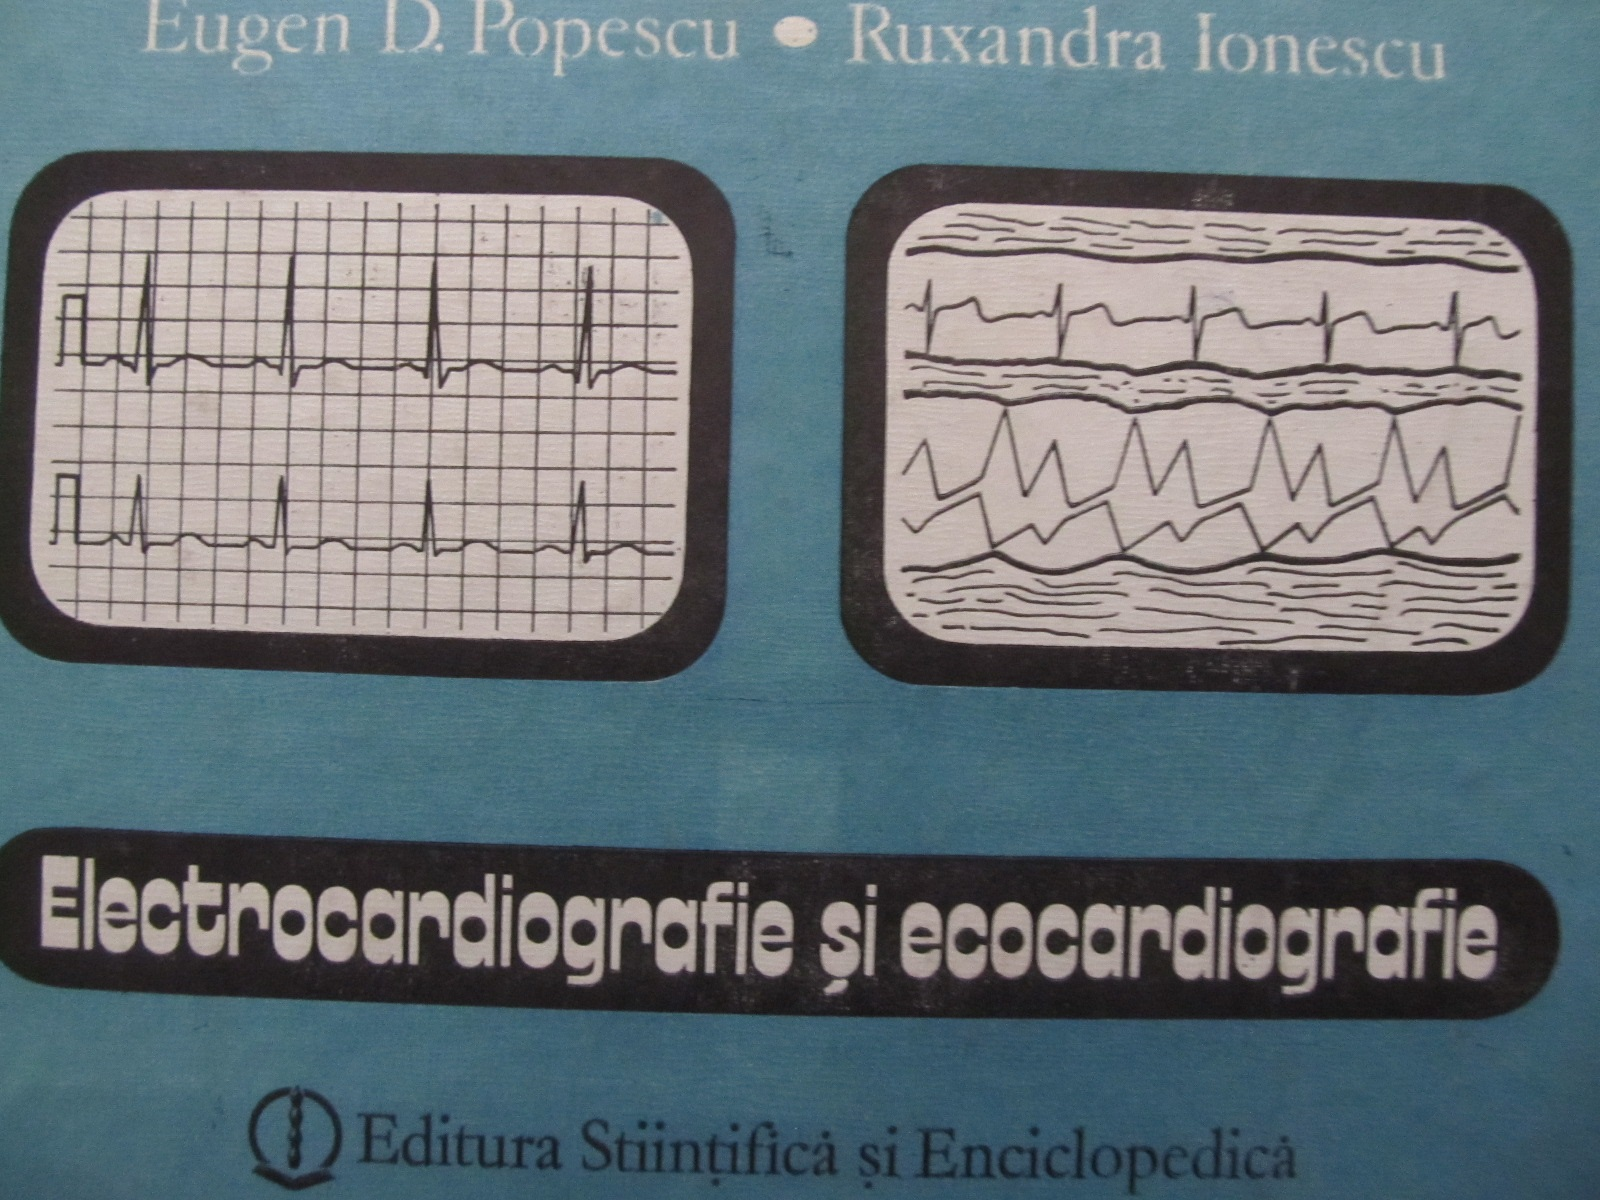 Electrocardiografie si ecocardiografie - Eugen D. Popescu , Ruxandra Ionescu | Detalii carte